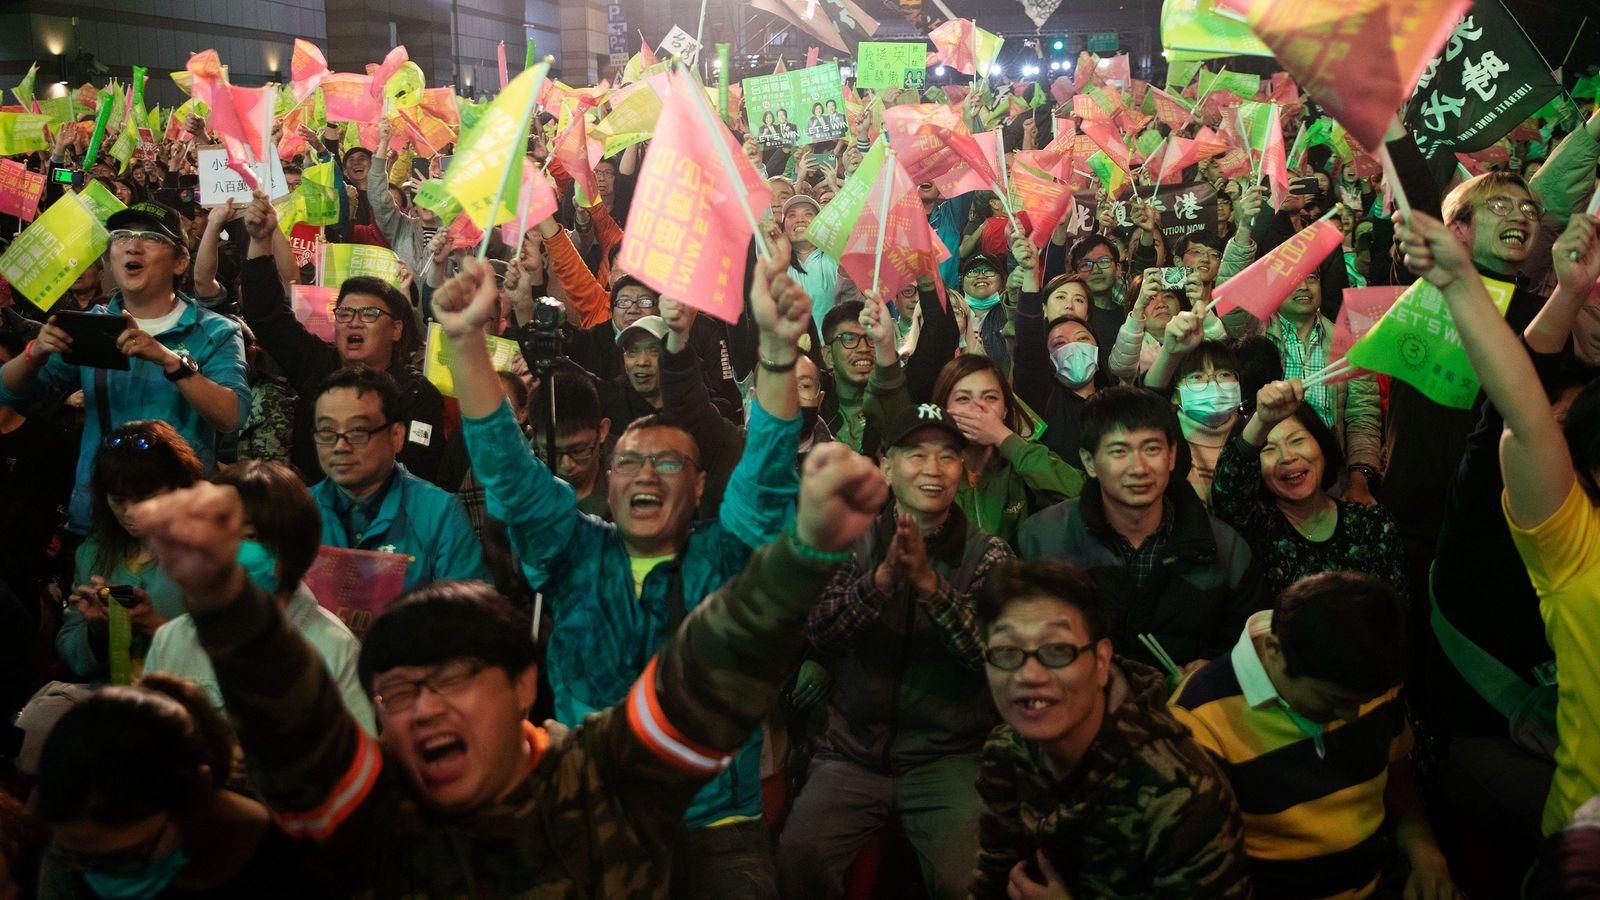 台湾人がもどかしく見る日本の「コウモリ外交」 習近平を「国賓待遇」している場合か